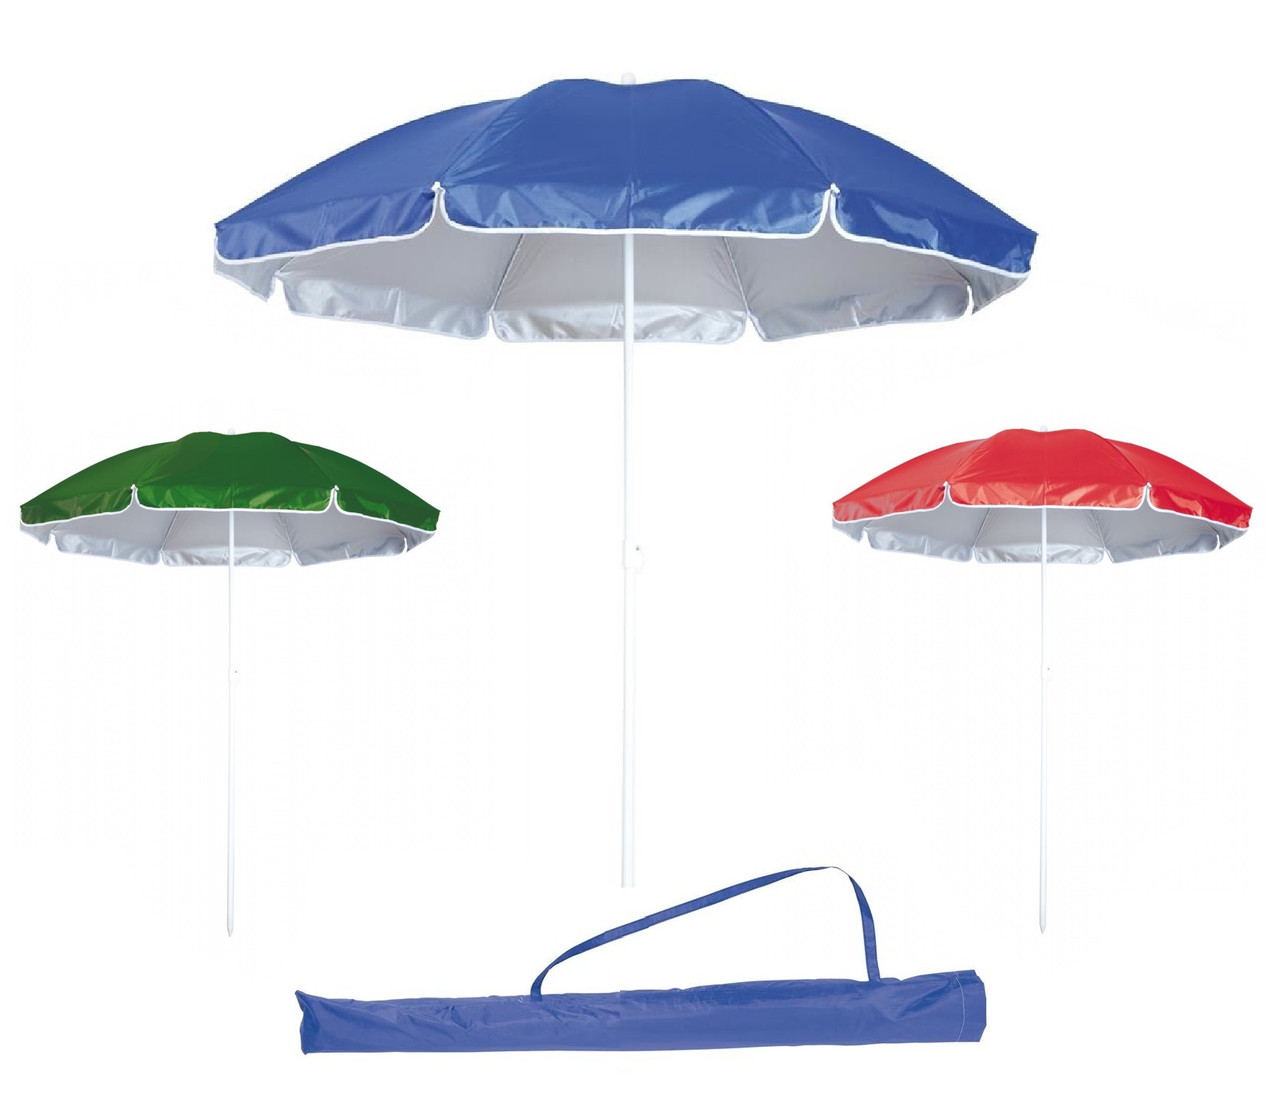 Зонт пляжный садовый с наклоном, диаметр 2 м с защитой отUV-лучей